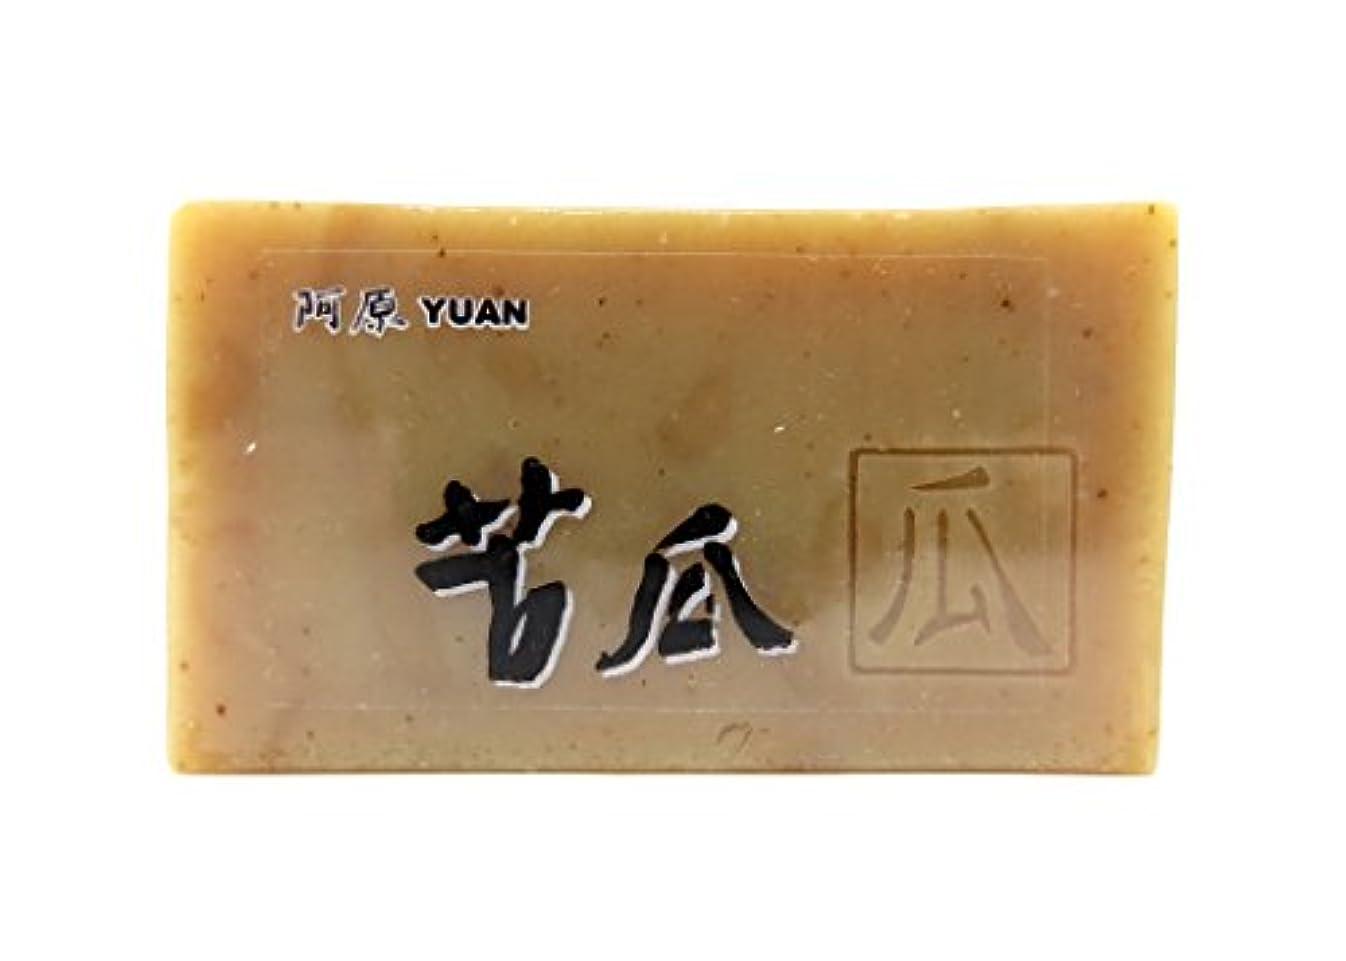 タイルトリプルホットYUAN SOAP ユアンソープ 苦瓜(にがうり) 100g (阿原 石けん 台湾コスメ)